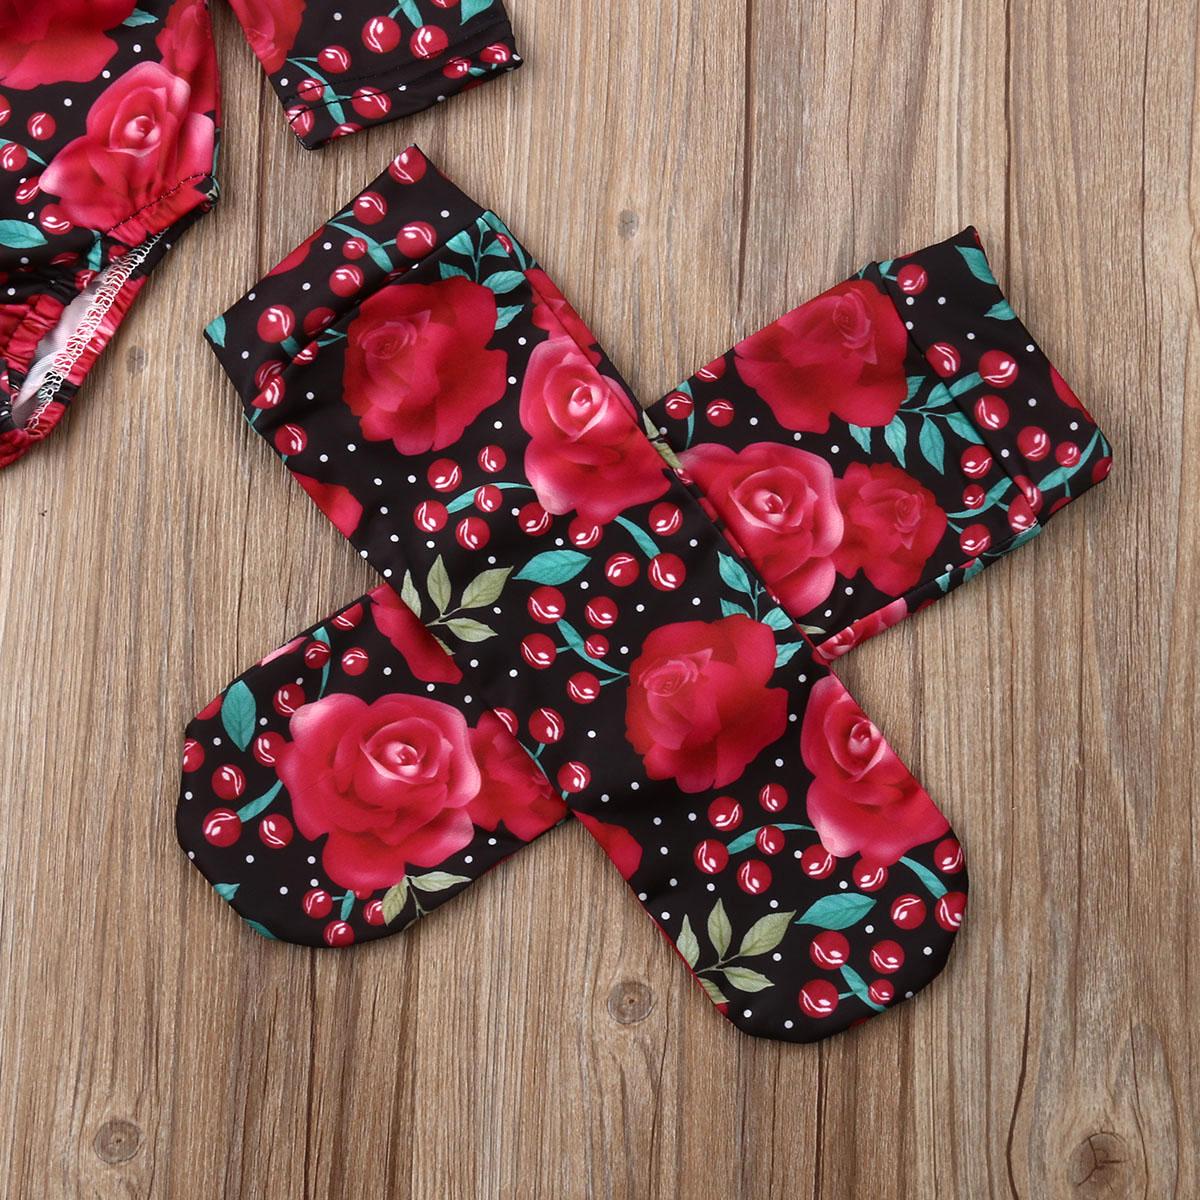 S/äuglingsbabykleidung Langarm Strampler Overall R/üschen Bodysuit Floral Hosen Outfits mit Stirnband 3 St/ücke Sets